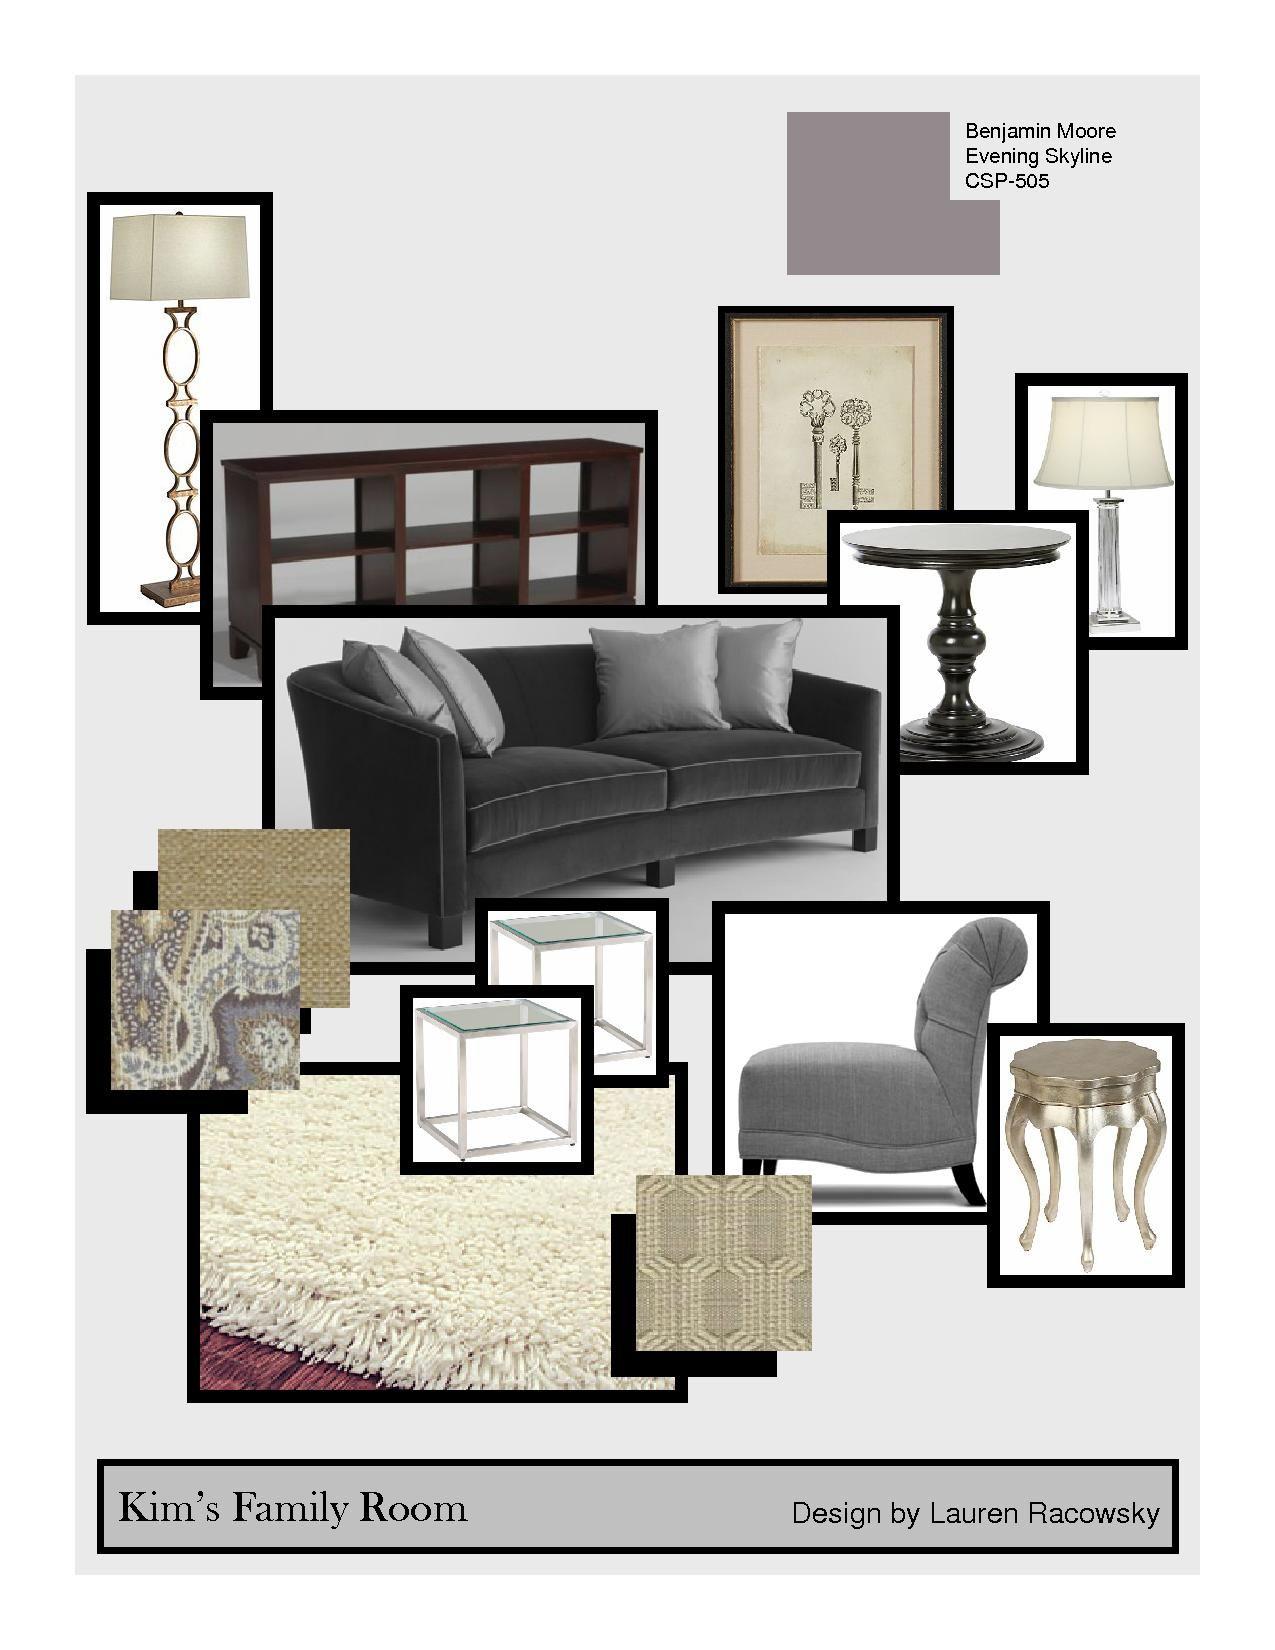 Modern Meets Feminine With Images Interior Design Portfolios